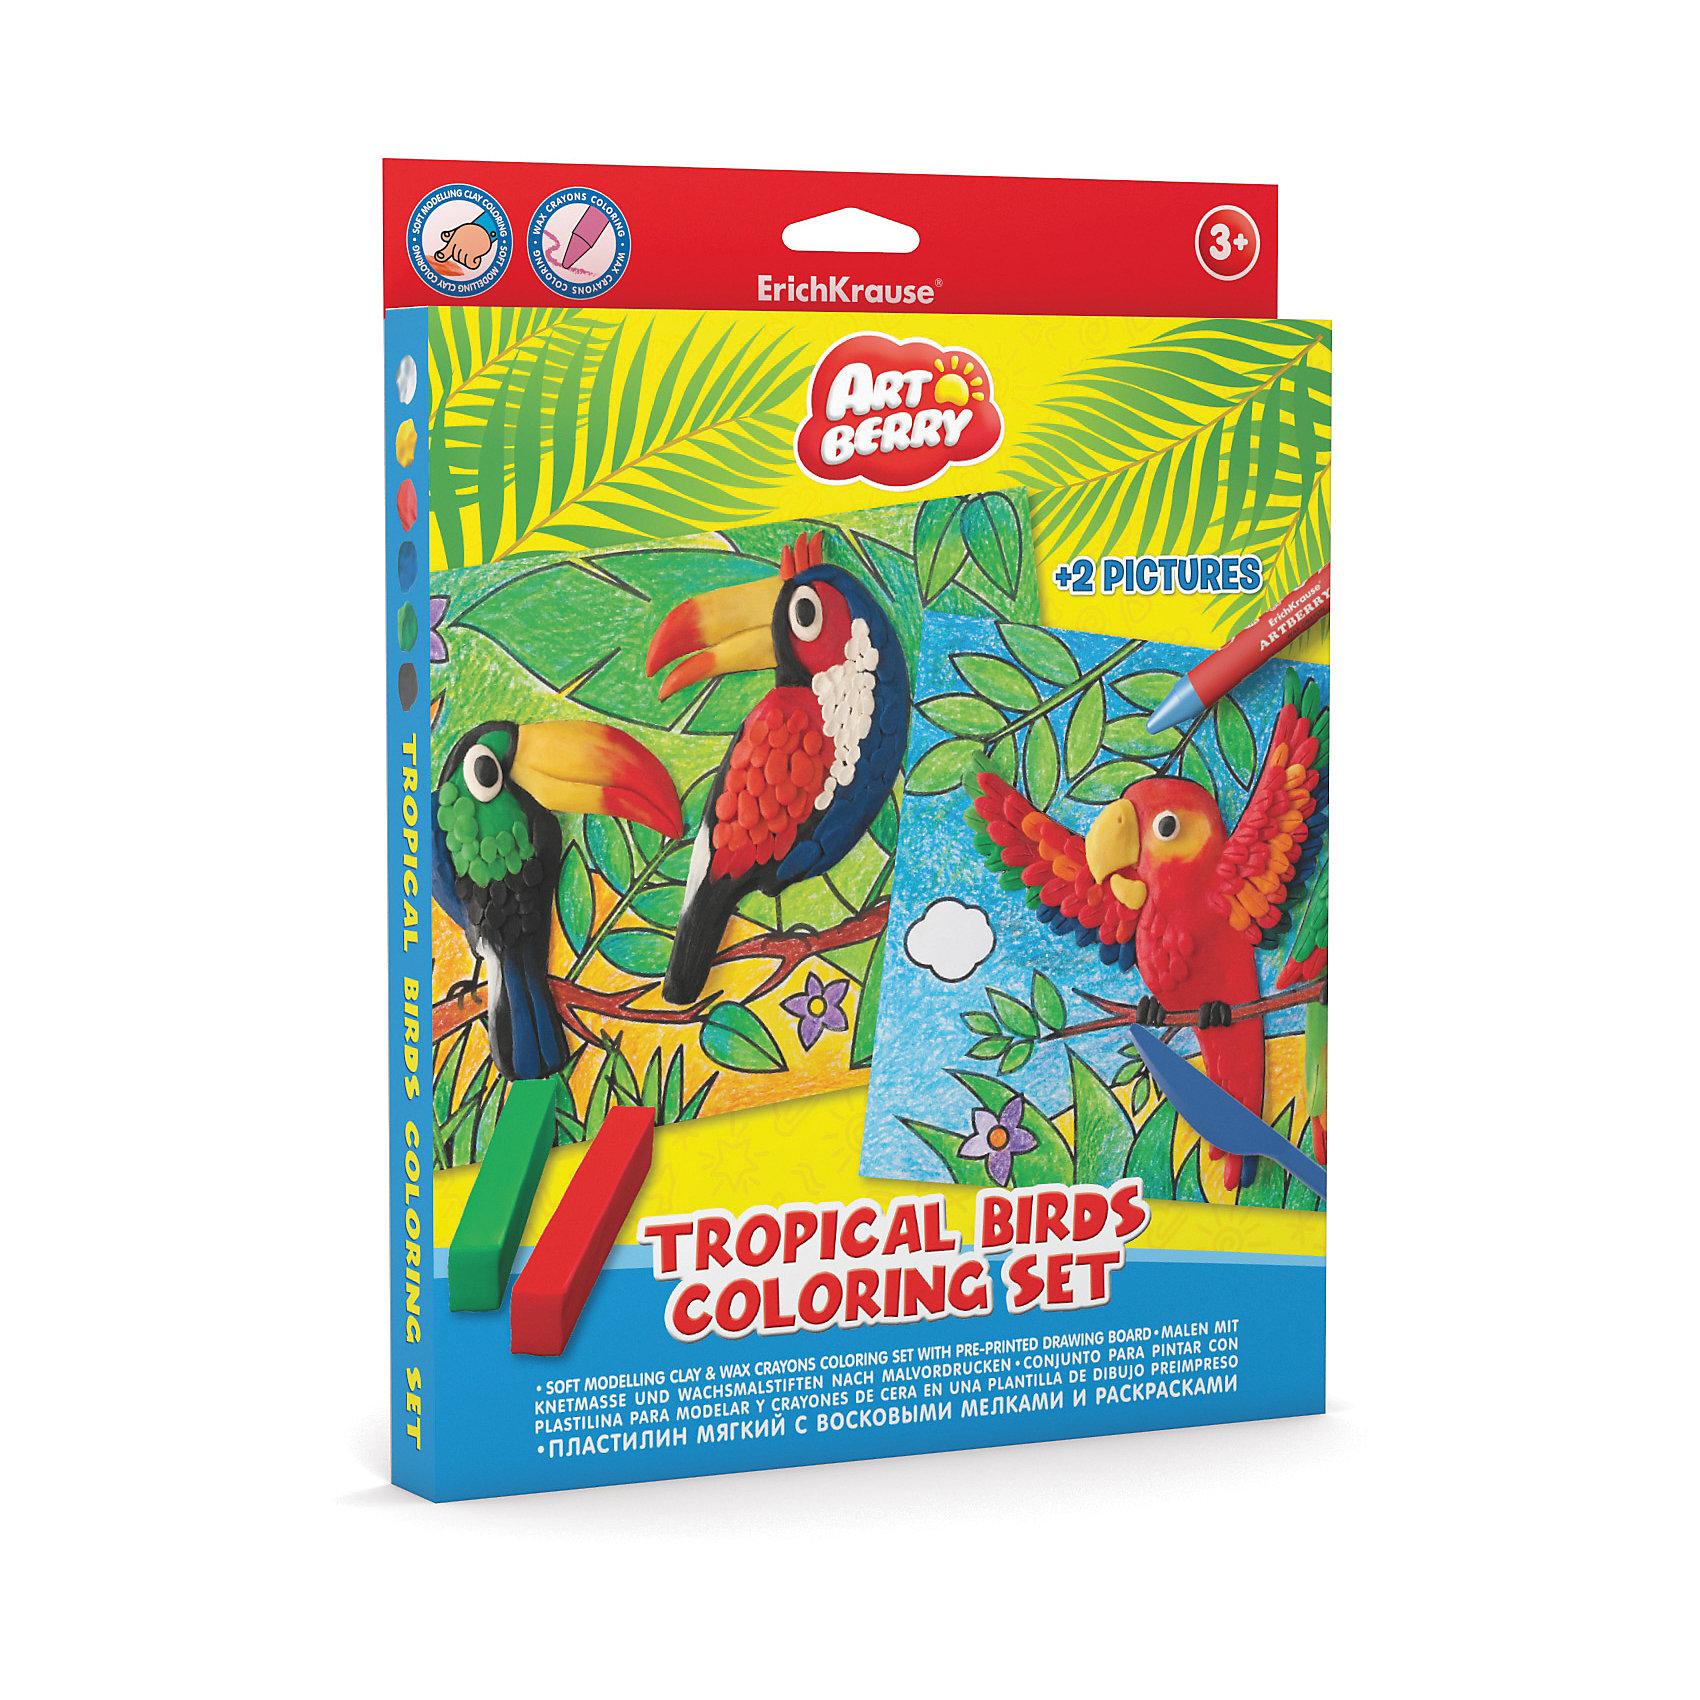 Наборя для творчества Tropical Birds Coloring Set ArtberryМасляные и восковые мелки<br>Характеристики товара:<br><br>• материал упаковки: картон <br>• в комплекте: пластилин – 6 цветов, мелки восковые – 8 цветов, раскраска – 2 шт<br>• возраст: от 3 лет<br>• габариты упаковки: 23х30х25 см<br>• вес: 272 г<br>• страна производитель: Россия<br><br>Набор для творчества включает в себя полезные товары для юных художников. В нем есть раскраски и специальные восковые мелки к ним. А яркий и мягкий пластилин оценят все маленькие скульпторы! <br><br>Набор для творчества Tropical Birds Coloring Set Artberry можно купить в нашем интернет-магазине.<br><br>Ширина мм: 230<br>Глубина мм: 300<br>Высота мм: 25<br>Вес г: 272<br>Возраст от месяцев: 36<br>Возраст до месяцев: 2147483647<br>Пол: Унисекс<br>Возраст: Детский<br>SKU: 5409351